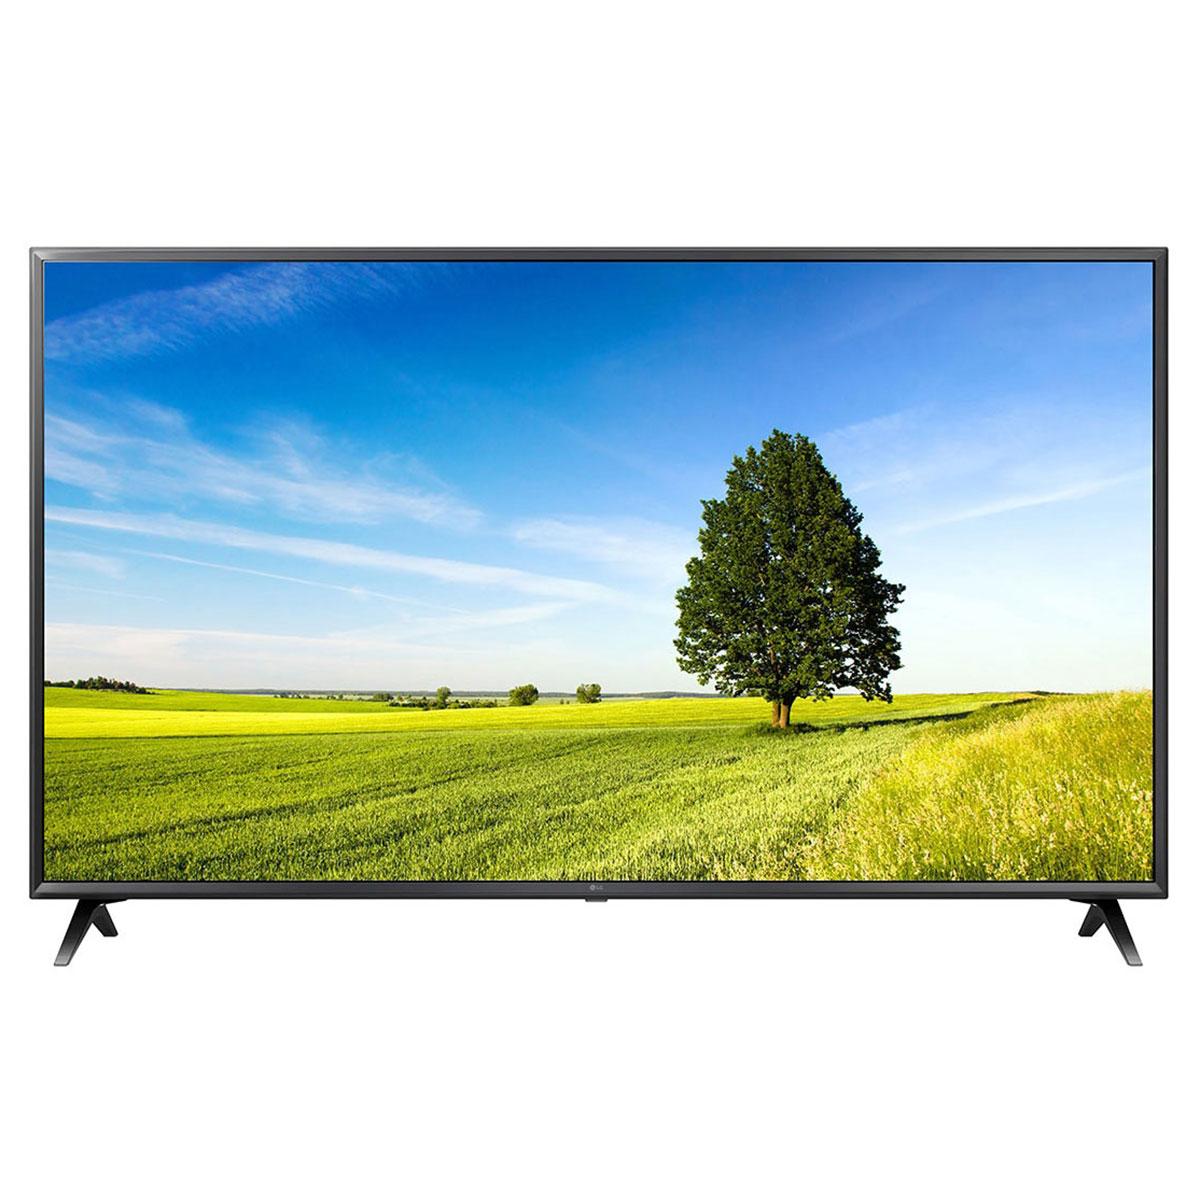 """TV LG 50UK6300 Téléviseur LED 4K 50"""" (127 cm) 16/9 - 3840 x 2160 pixels - Ultra HD 2160p - HDR - Wi-Fi - Bluetooth - Assistant Google - 1600 Hz"""